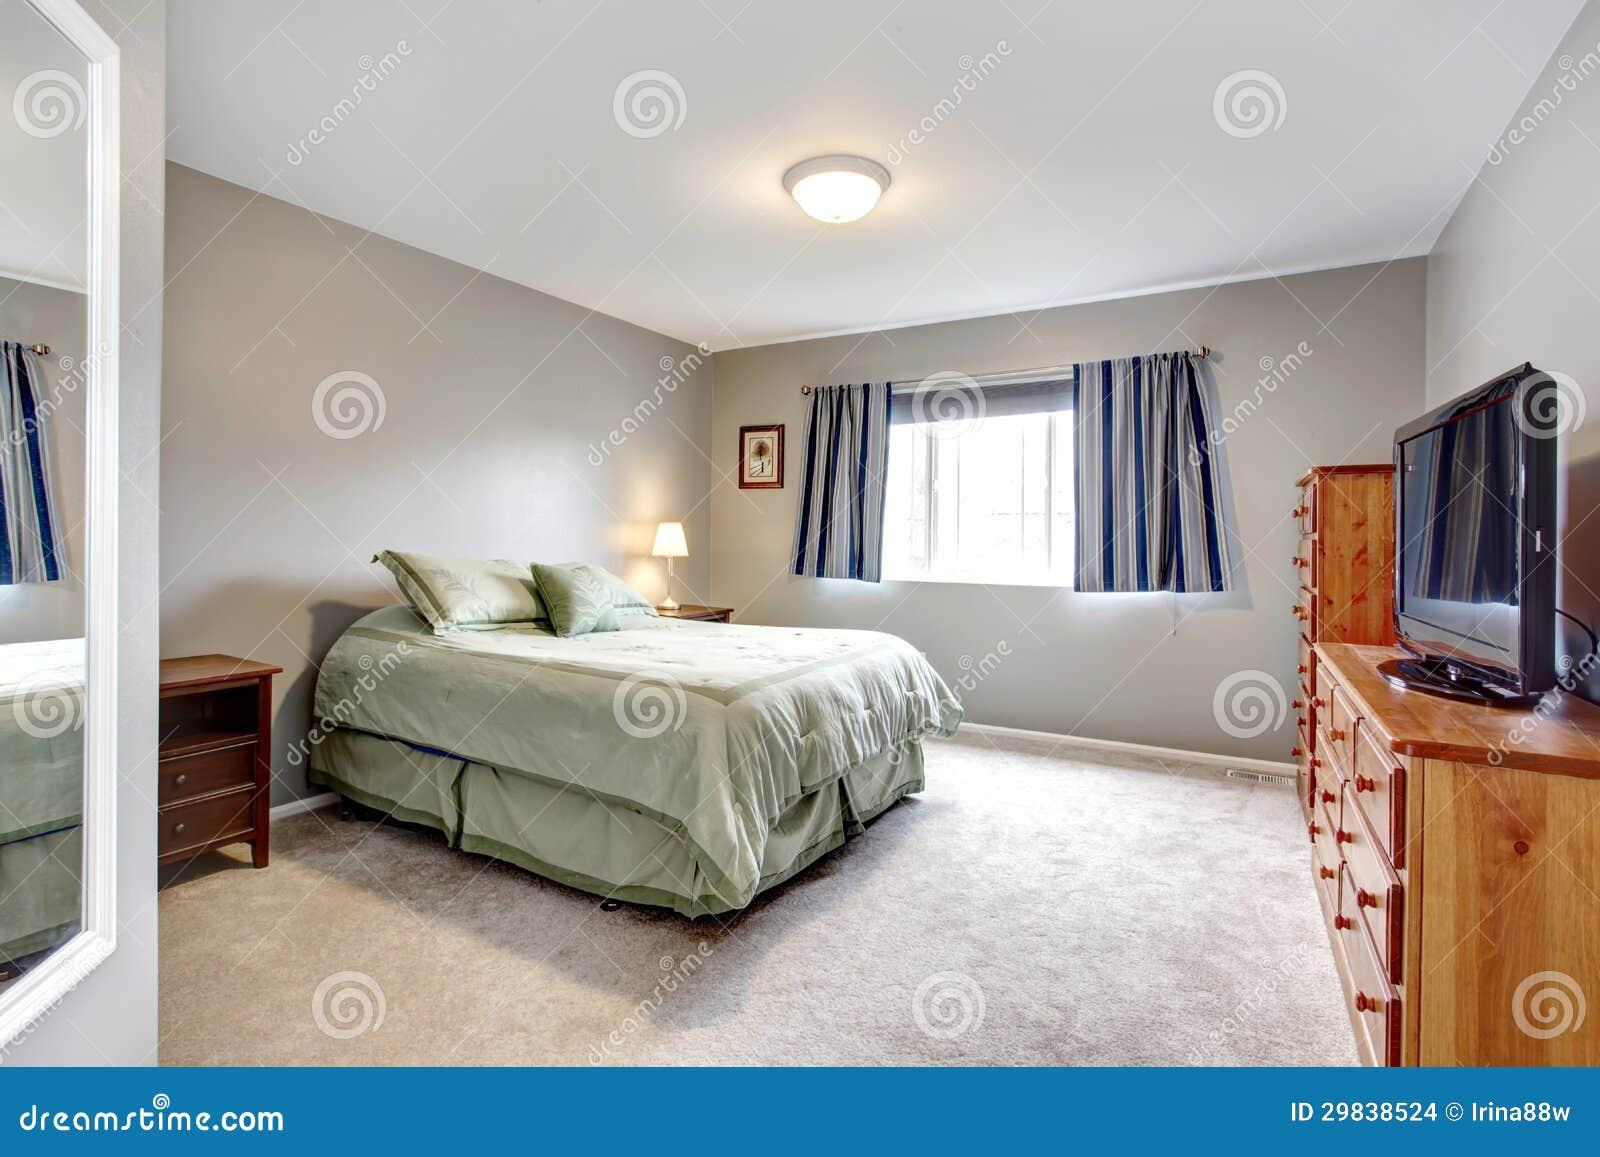 Tende camere da letto foto : tende camere da letto foto. tende per ...